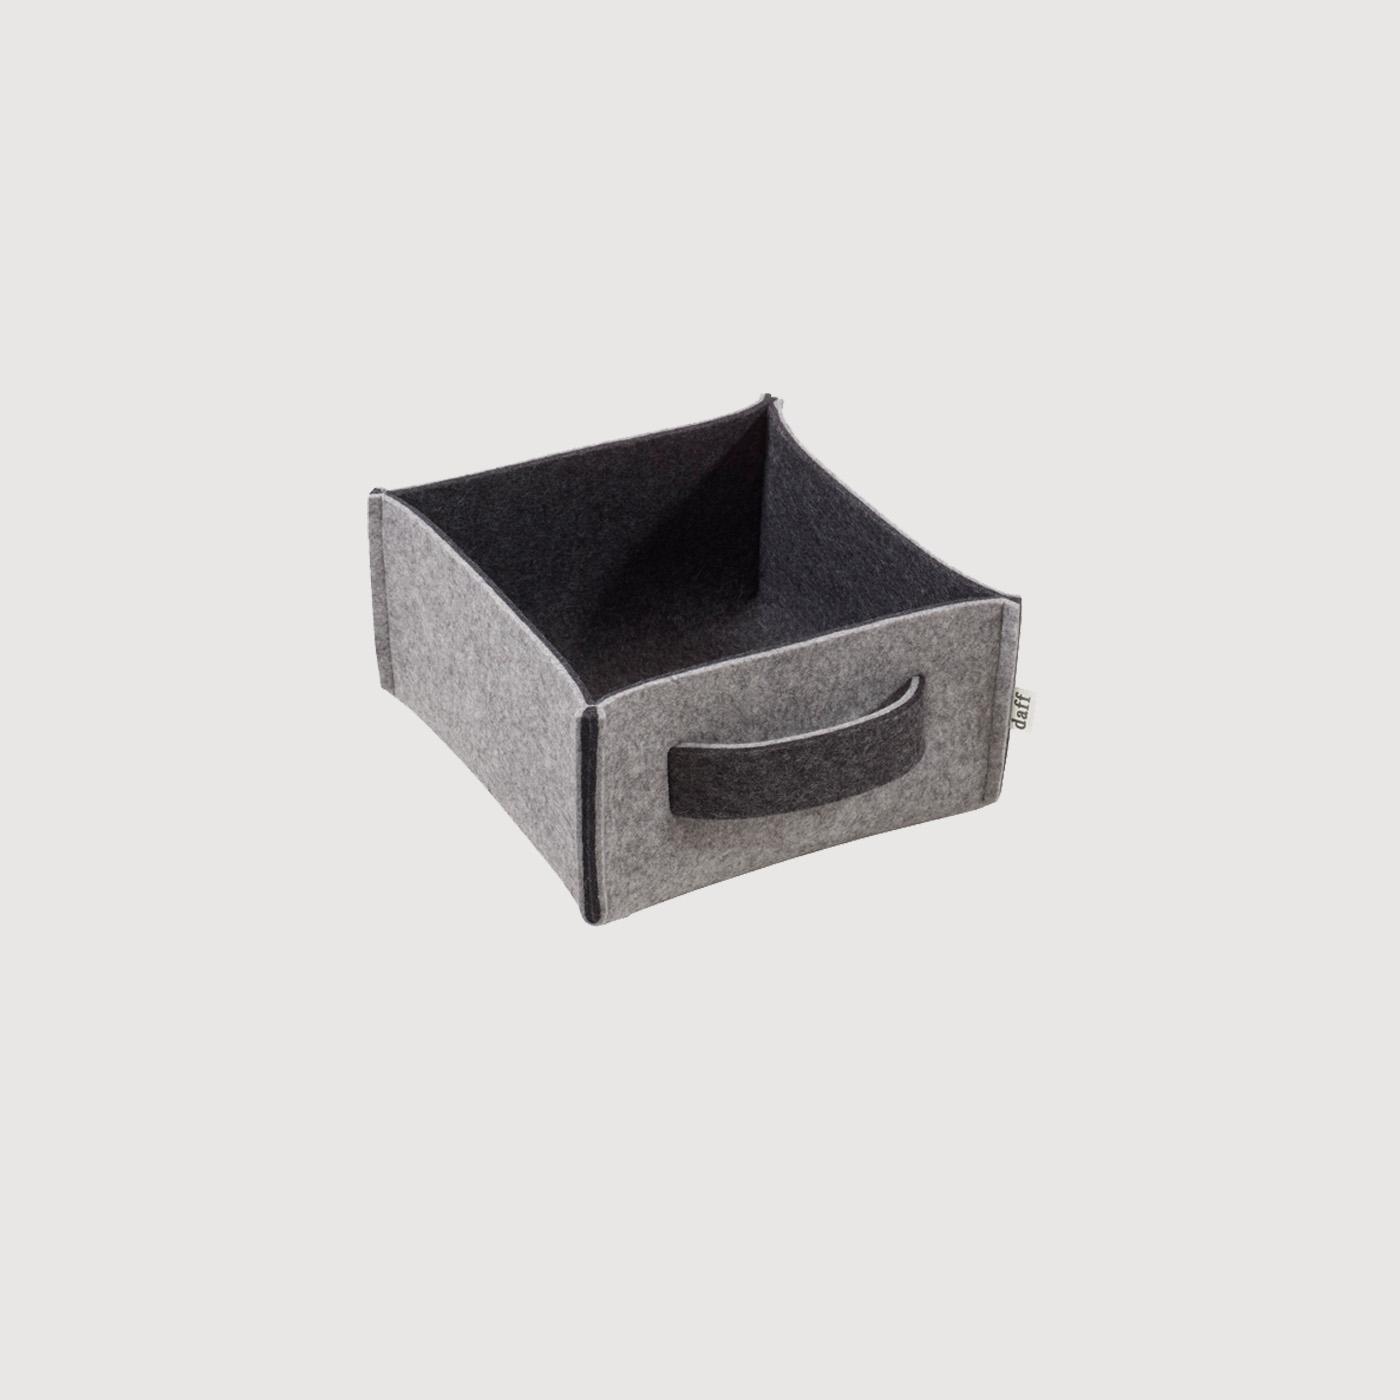 filzbox mini plus 19 x 19 x 10 daff filz und mehr. Black Bedroom Furniture Sets. Home Design Ideas